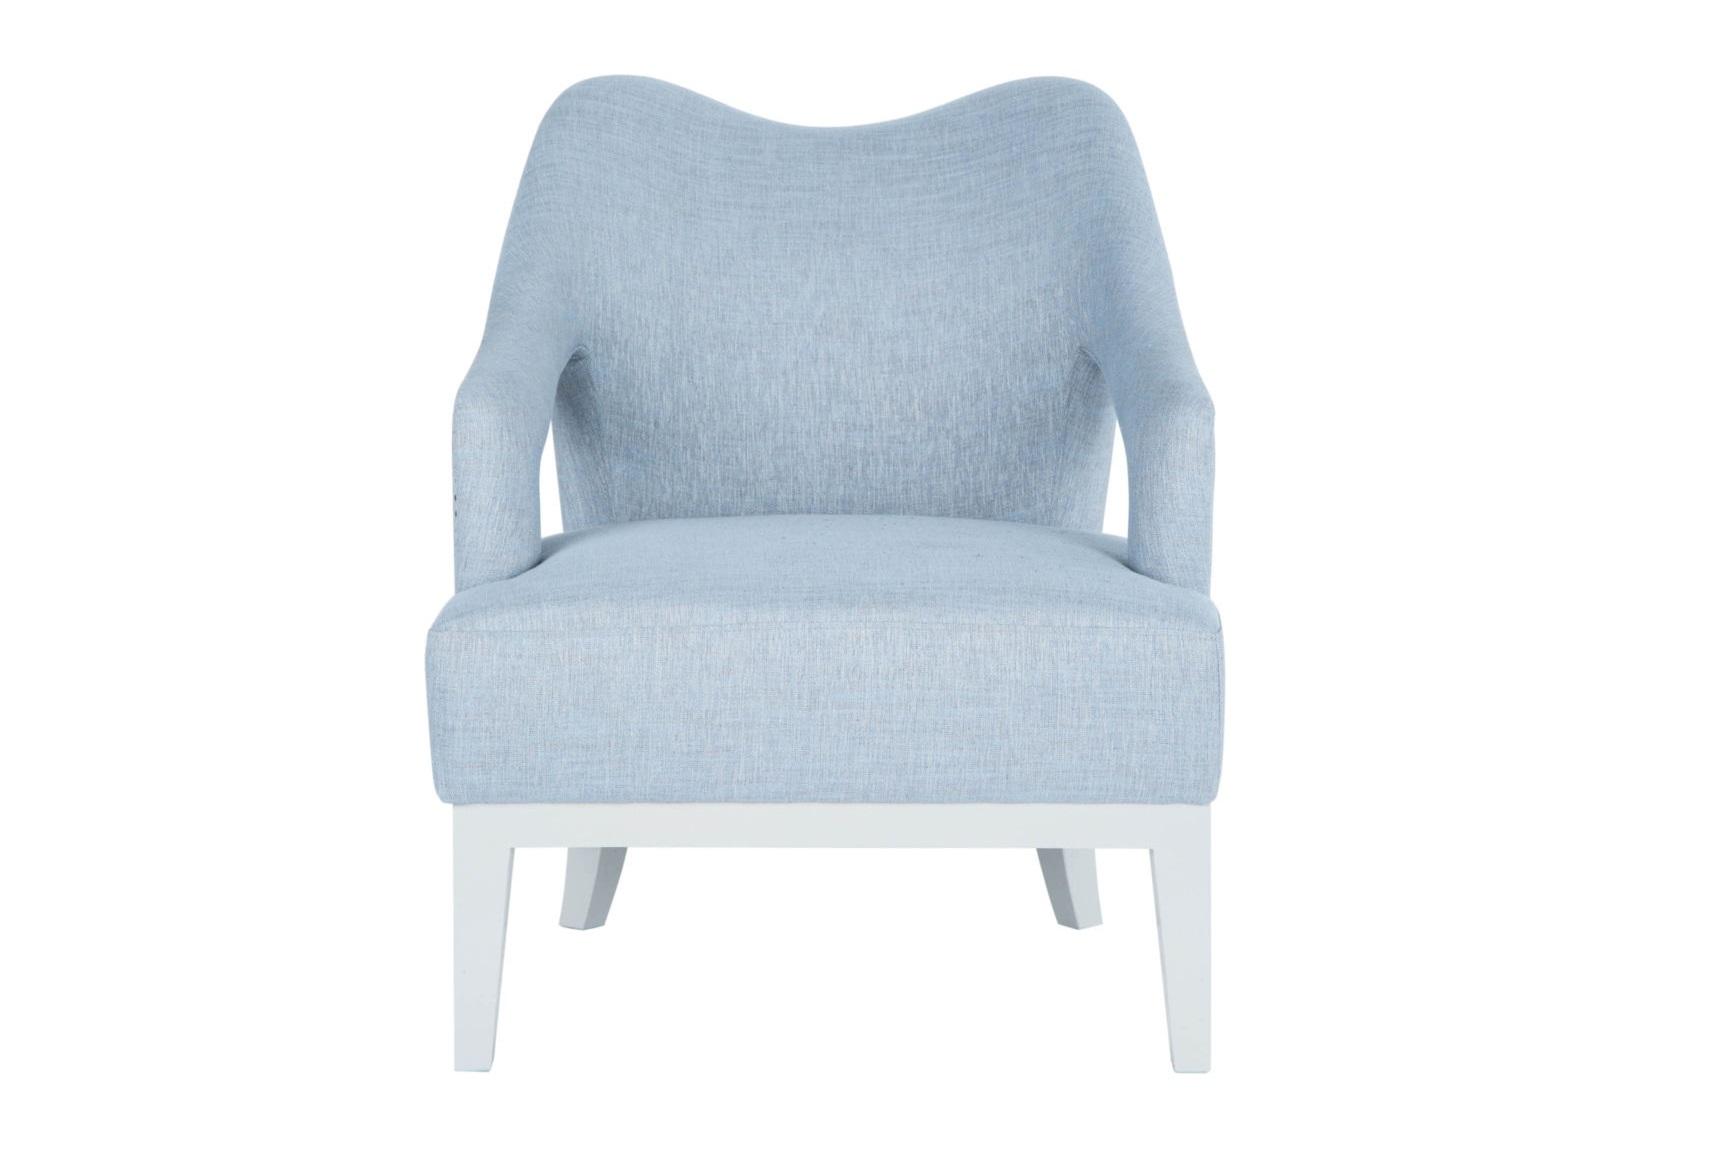 Кресло Slate blueИнтерьерные кресла<br><br><br>Material: Текстиль<br>Ширина см: 72<br>Высота см: 85<br>Глубина см: 80